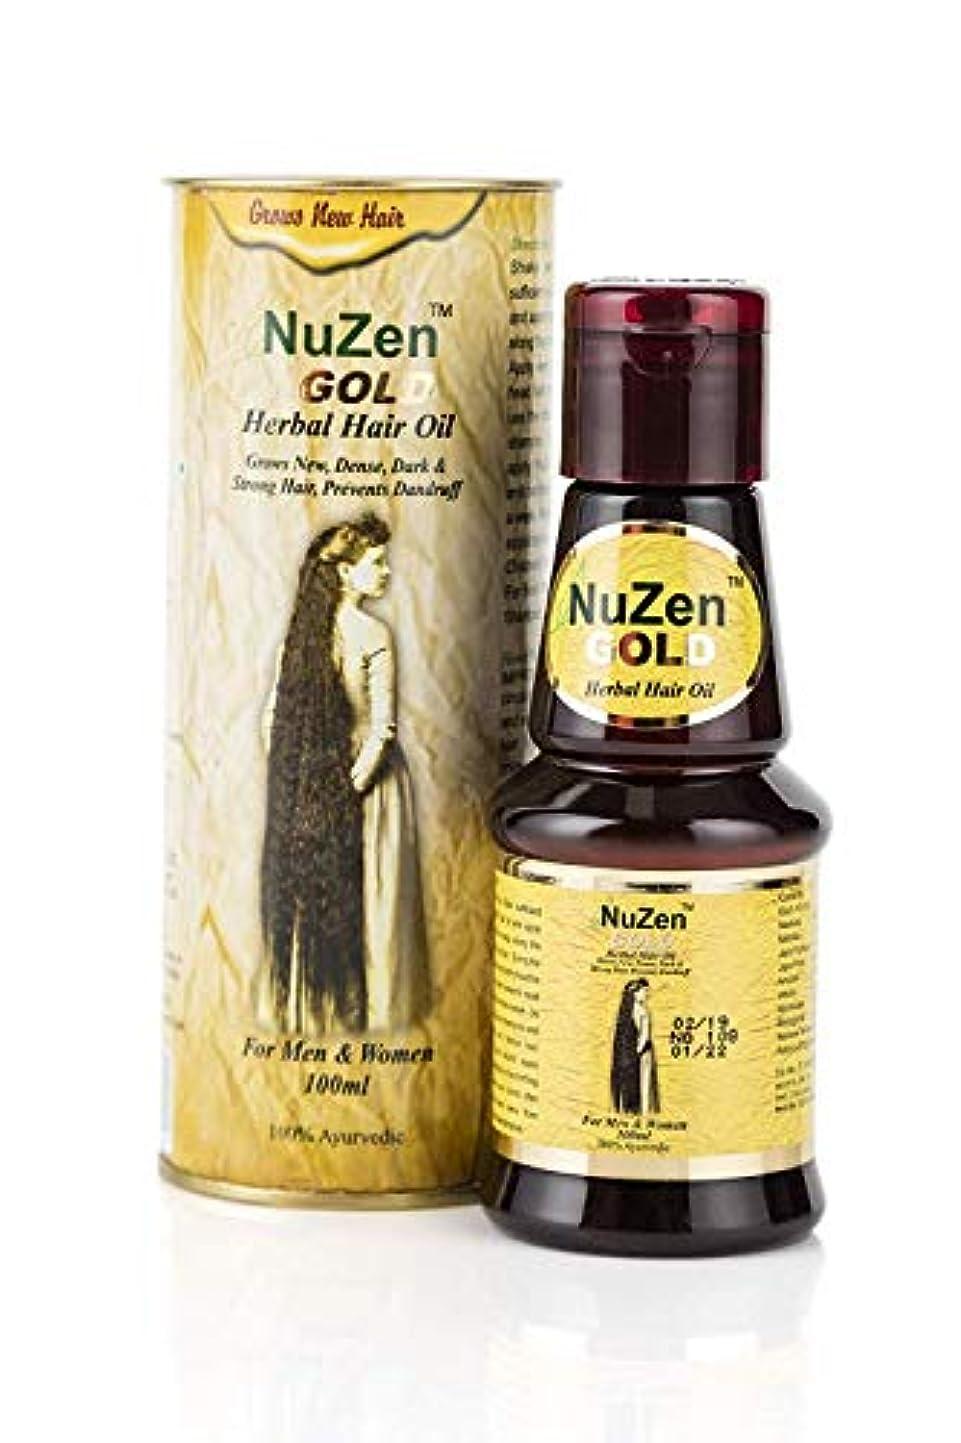 プロペラ無能与えるNuzen Gold Herbal Hair Oil 100ml Grows New Dark & Strong Hairs Prevents Dandruff Nuzenゴールドハーブヘアオイルが成長する新しいダーク&ストロングヘアがフケを防ぎます